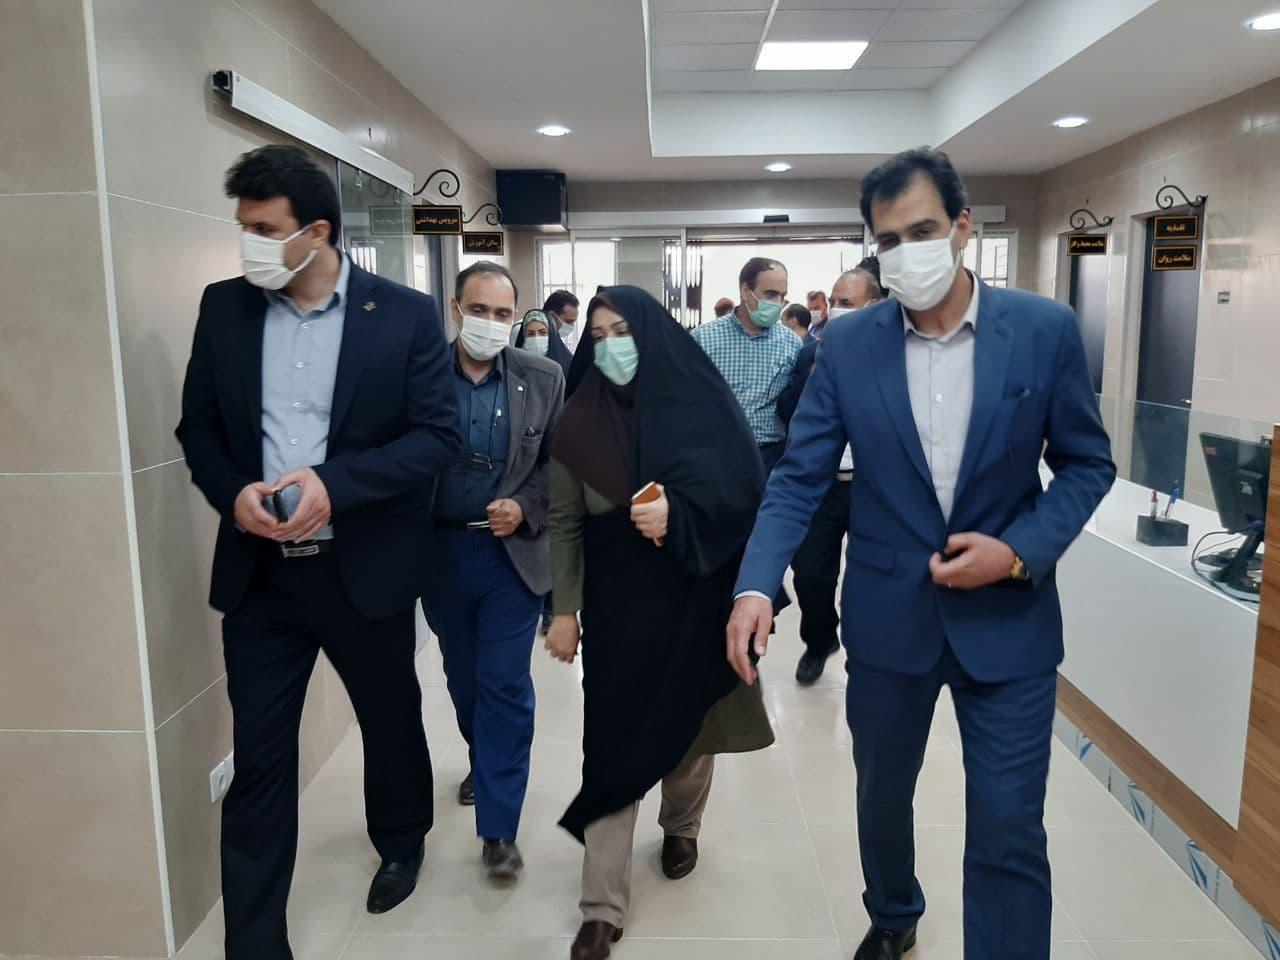 گزارش تصویری از افتتاح درمانگاه قائم (عج) سفیدشهر